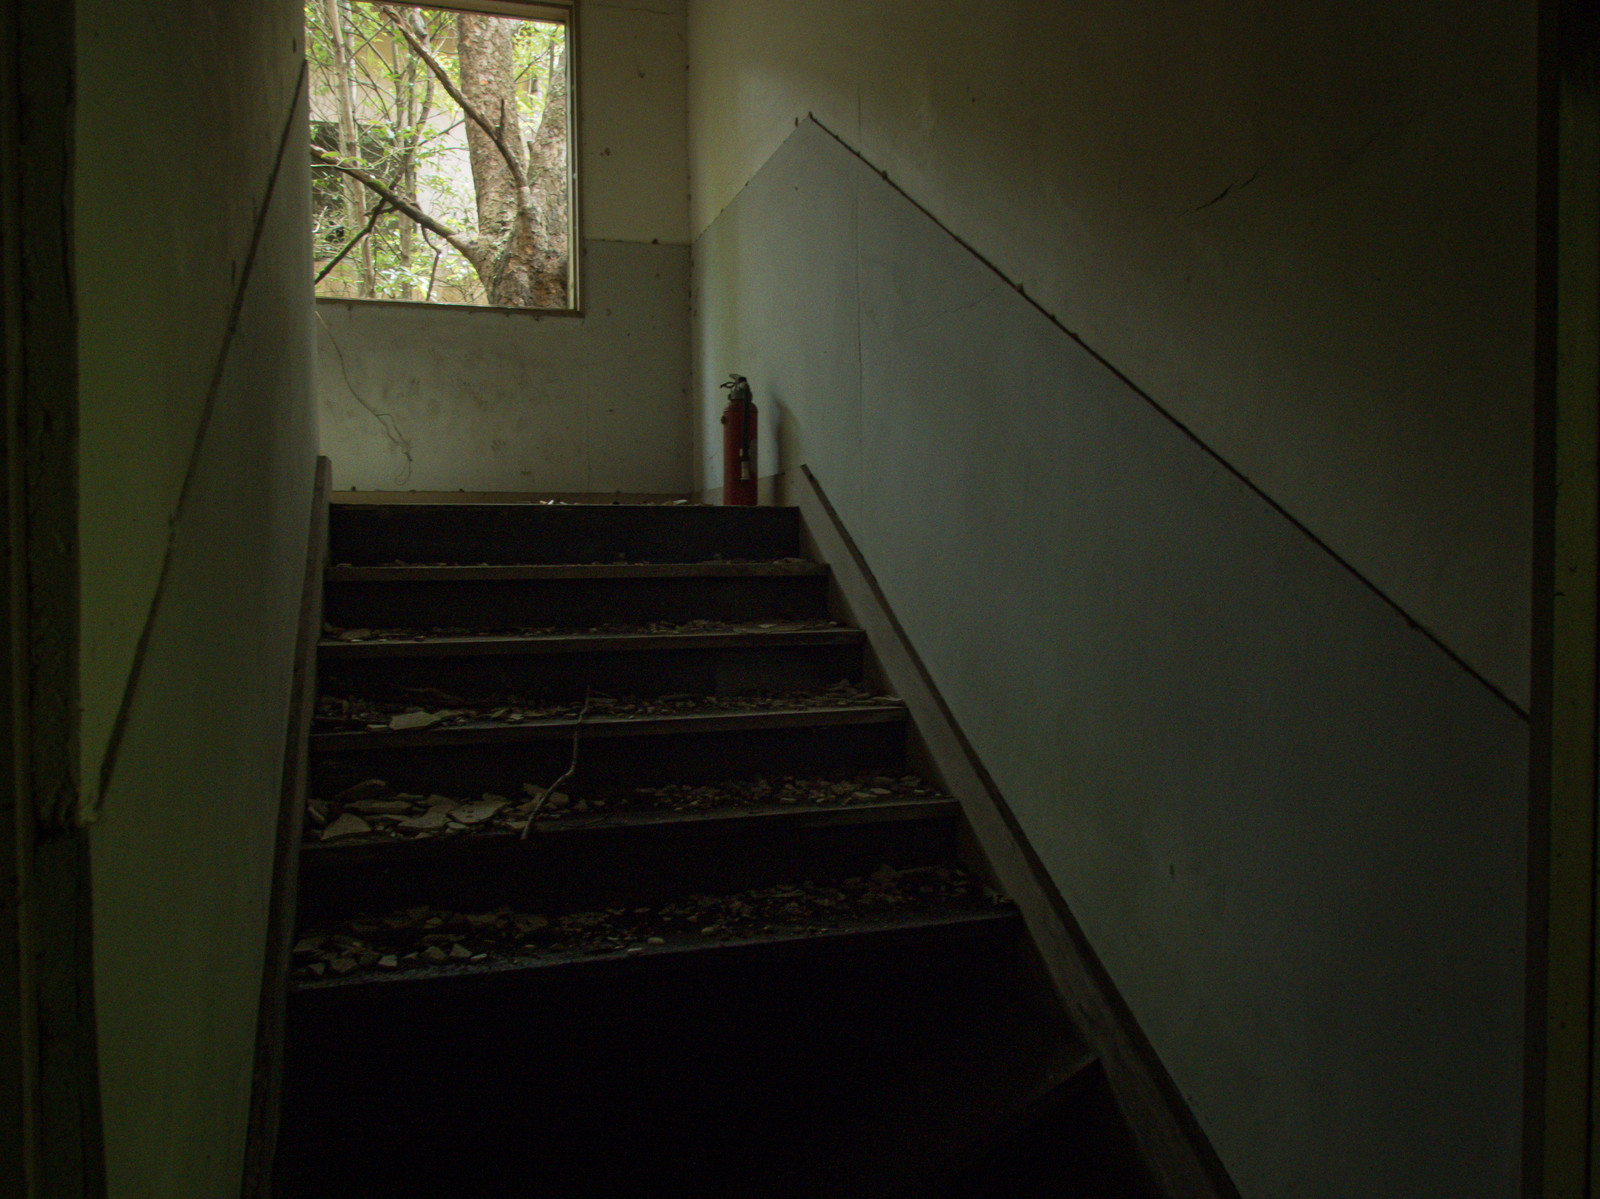 「廃墟の階段とその上にある消化器」の写真